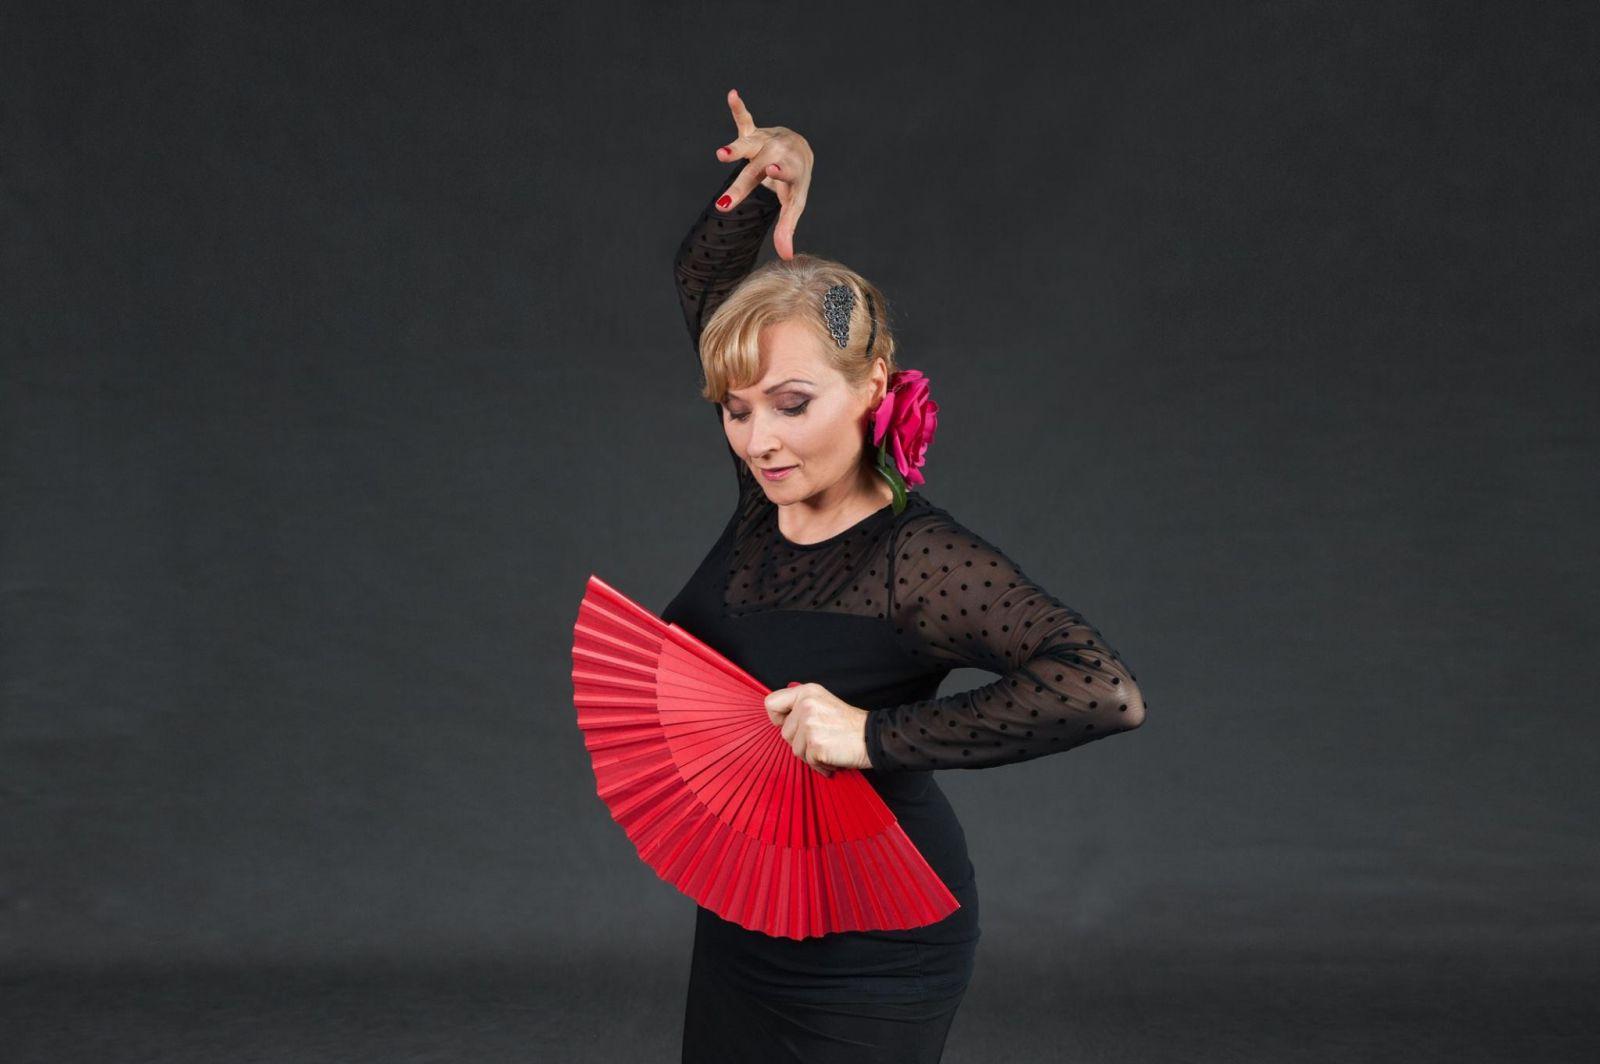 Fotografia kobiety w hiszpańskiej sukni w pozie tanecznej. Ma uniesioną dłoń ponad głową, w drugiej trzyma wachlarz.